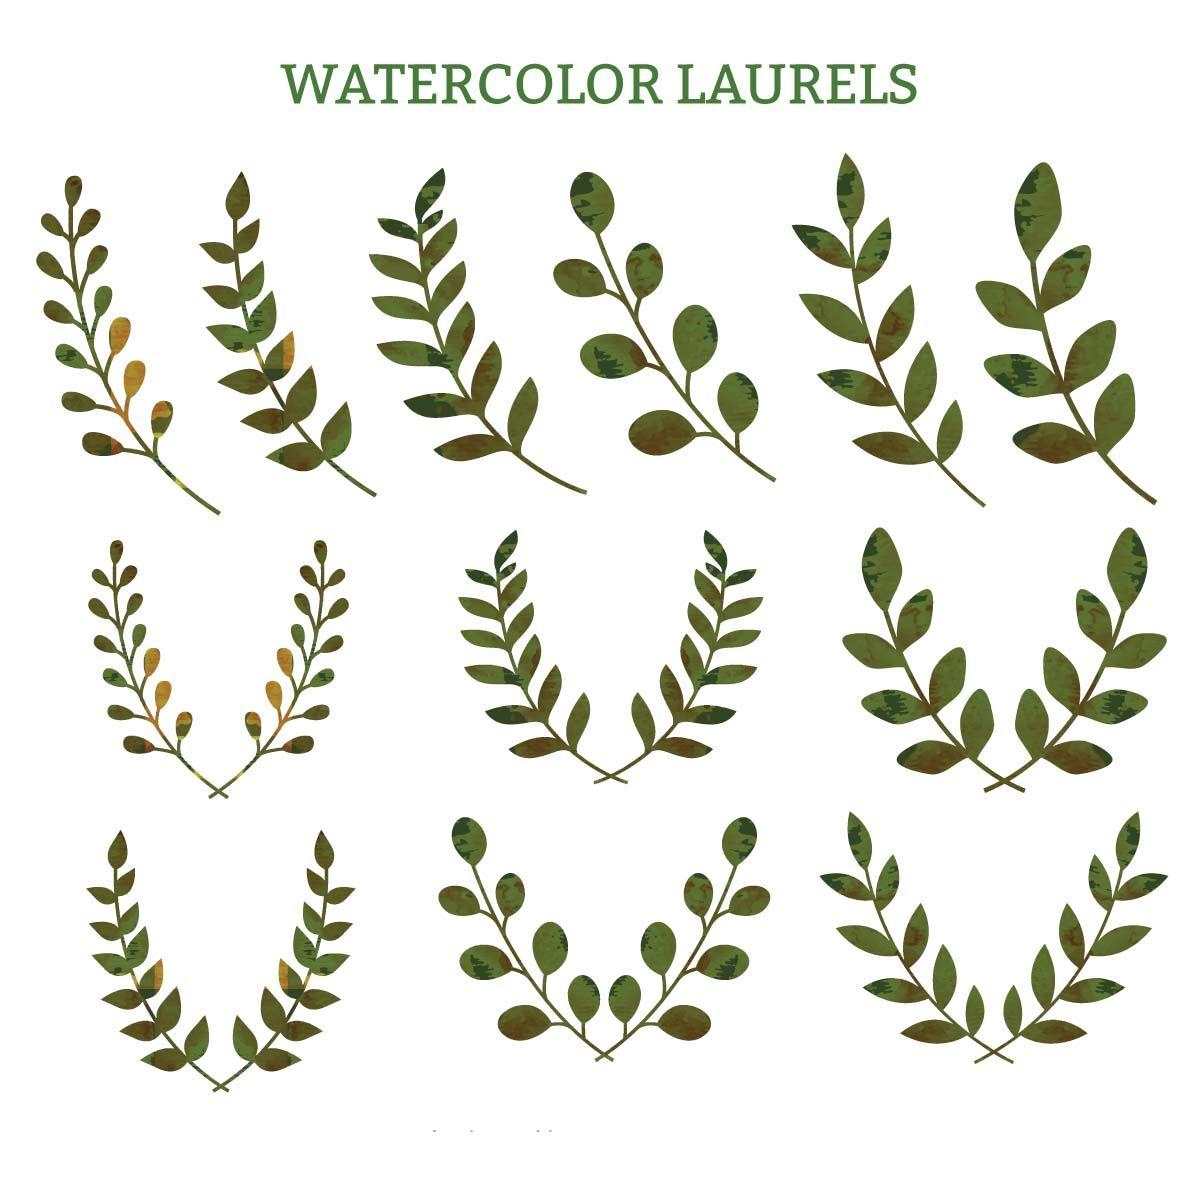 Watercolor laurels green decorative vector.